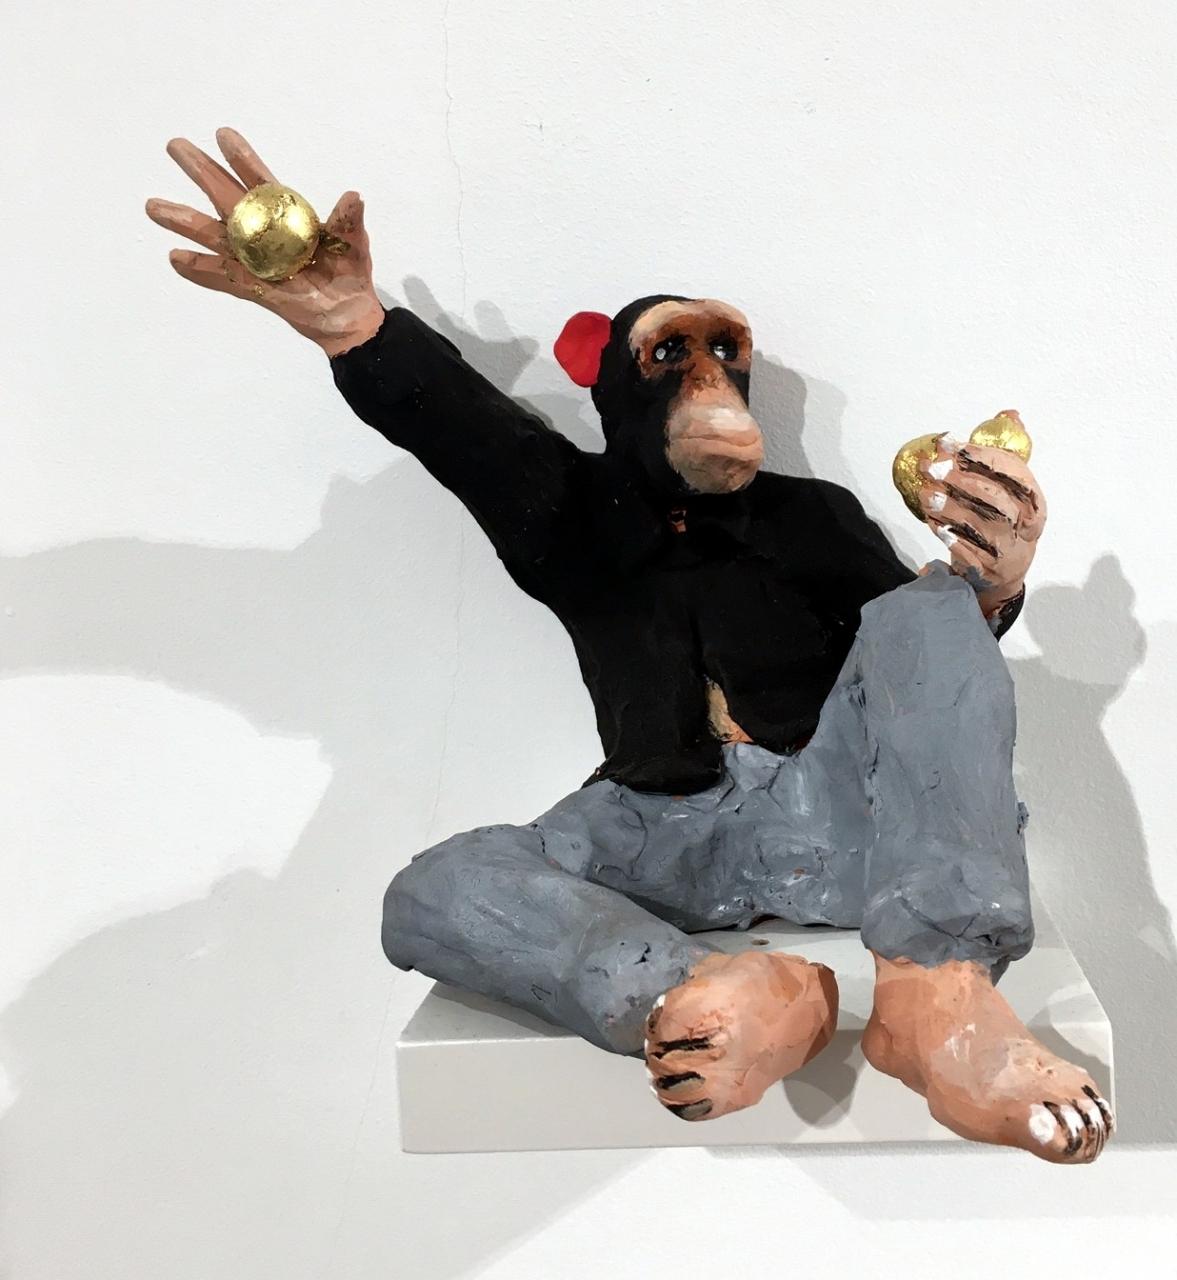 Ein Affe lässt menschliche Werte fallen